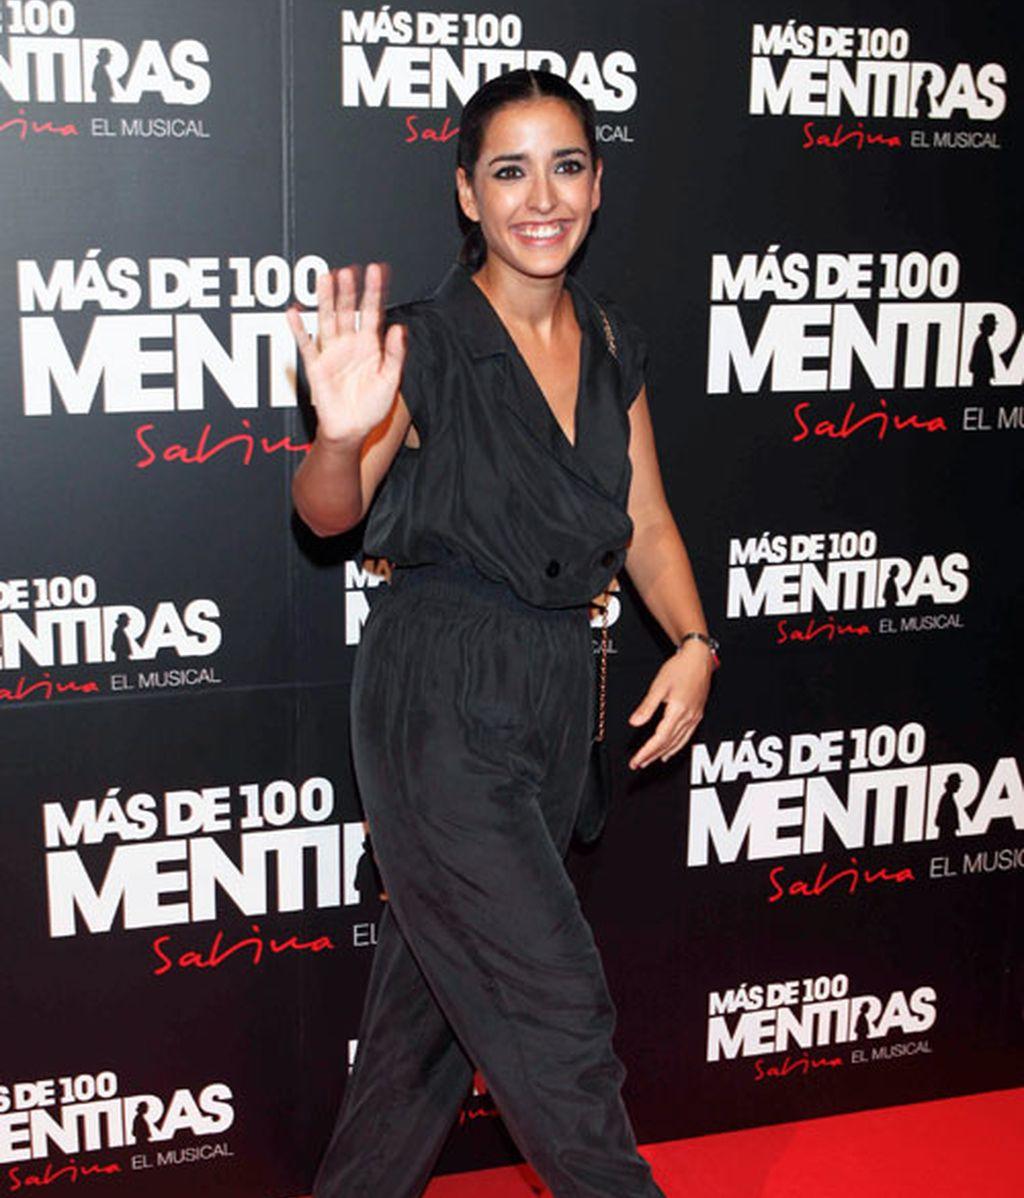 El musical de Sabina, la barriga de Paloma Cuevas y Laura Sánchez, en dos saraos